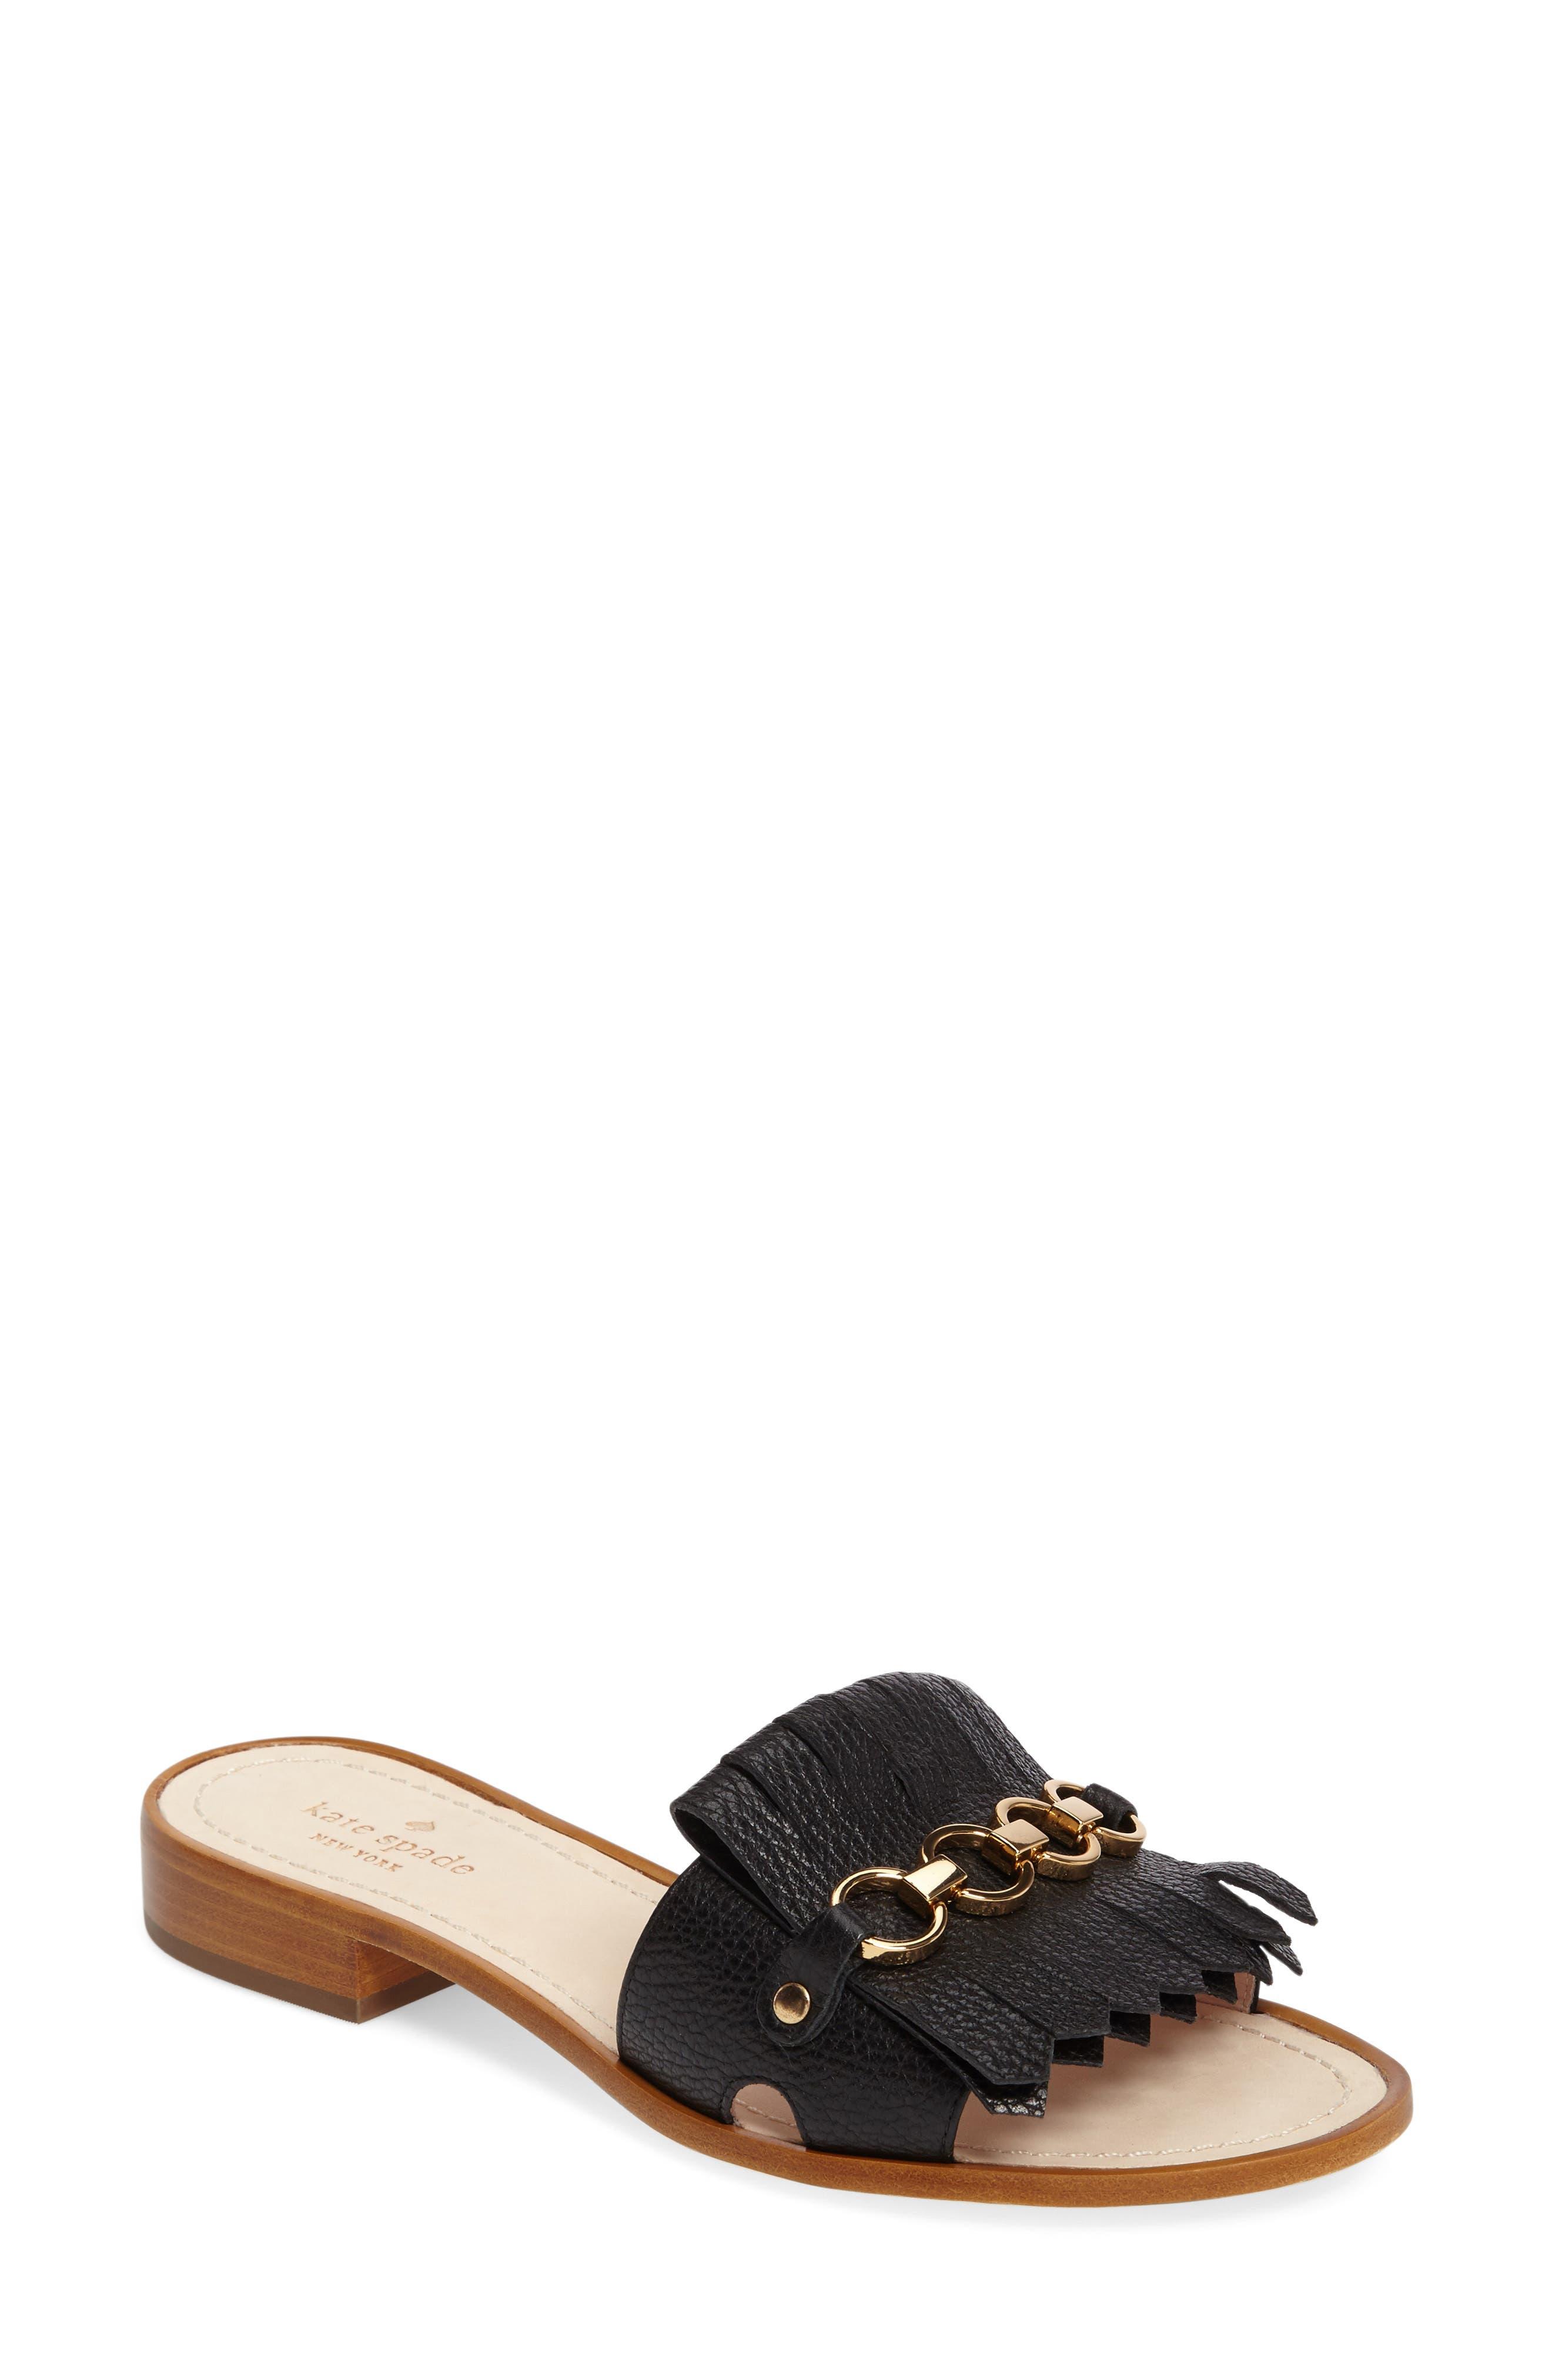 kate spade new york brie slide sandal